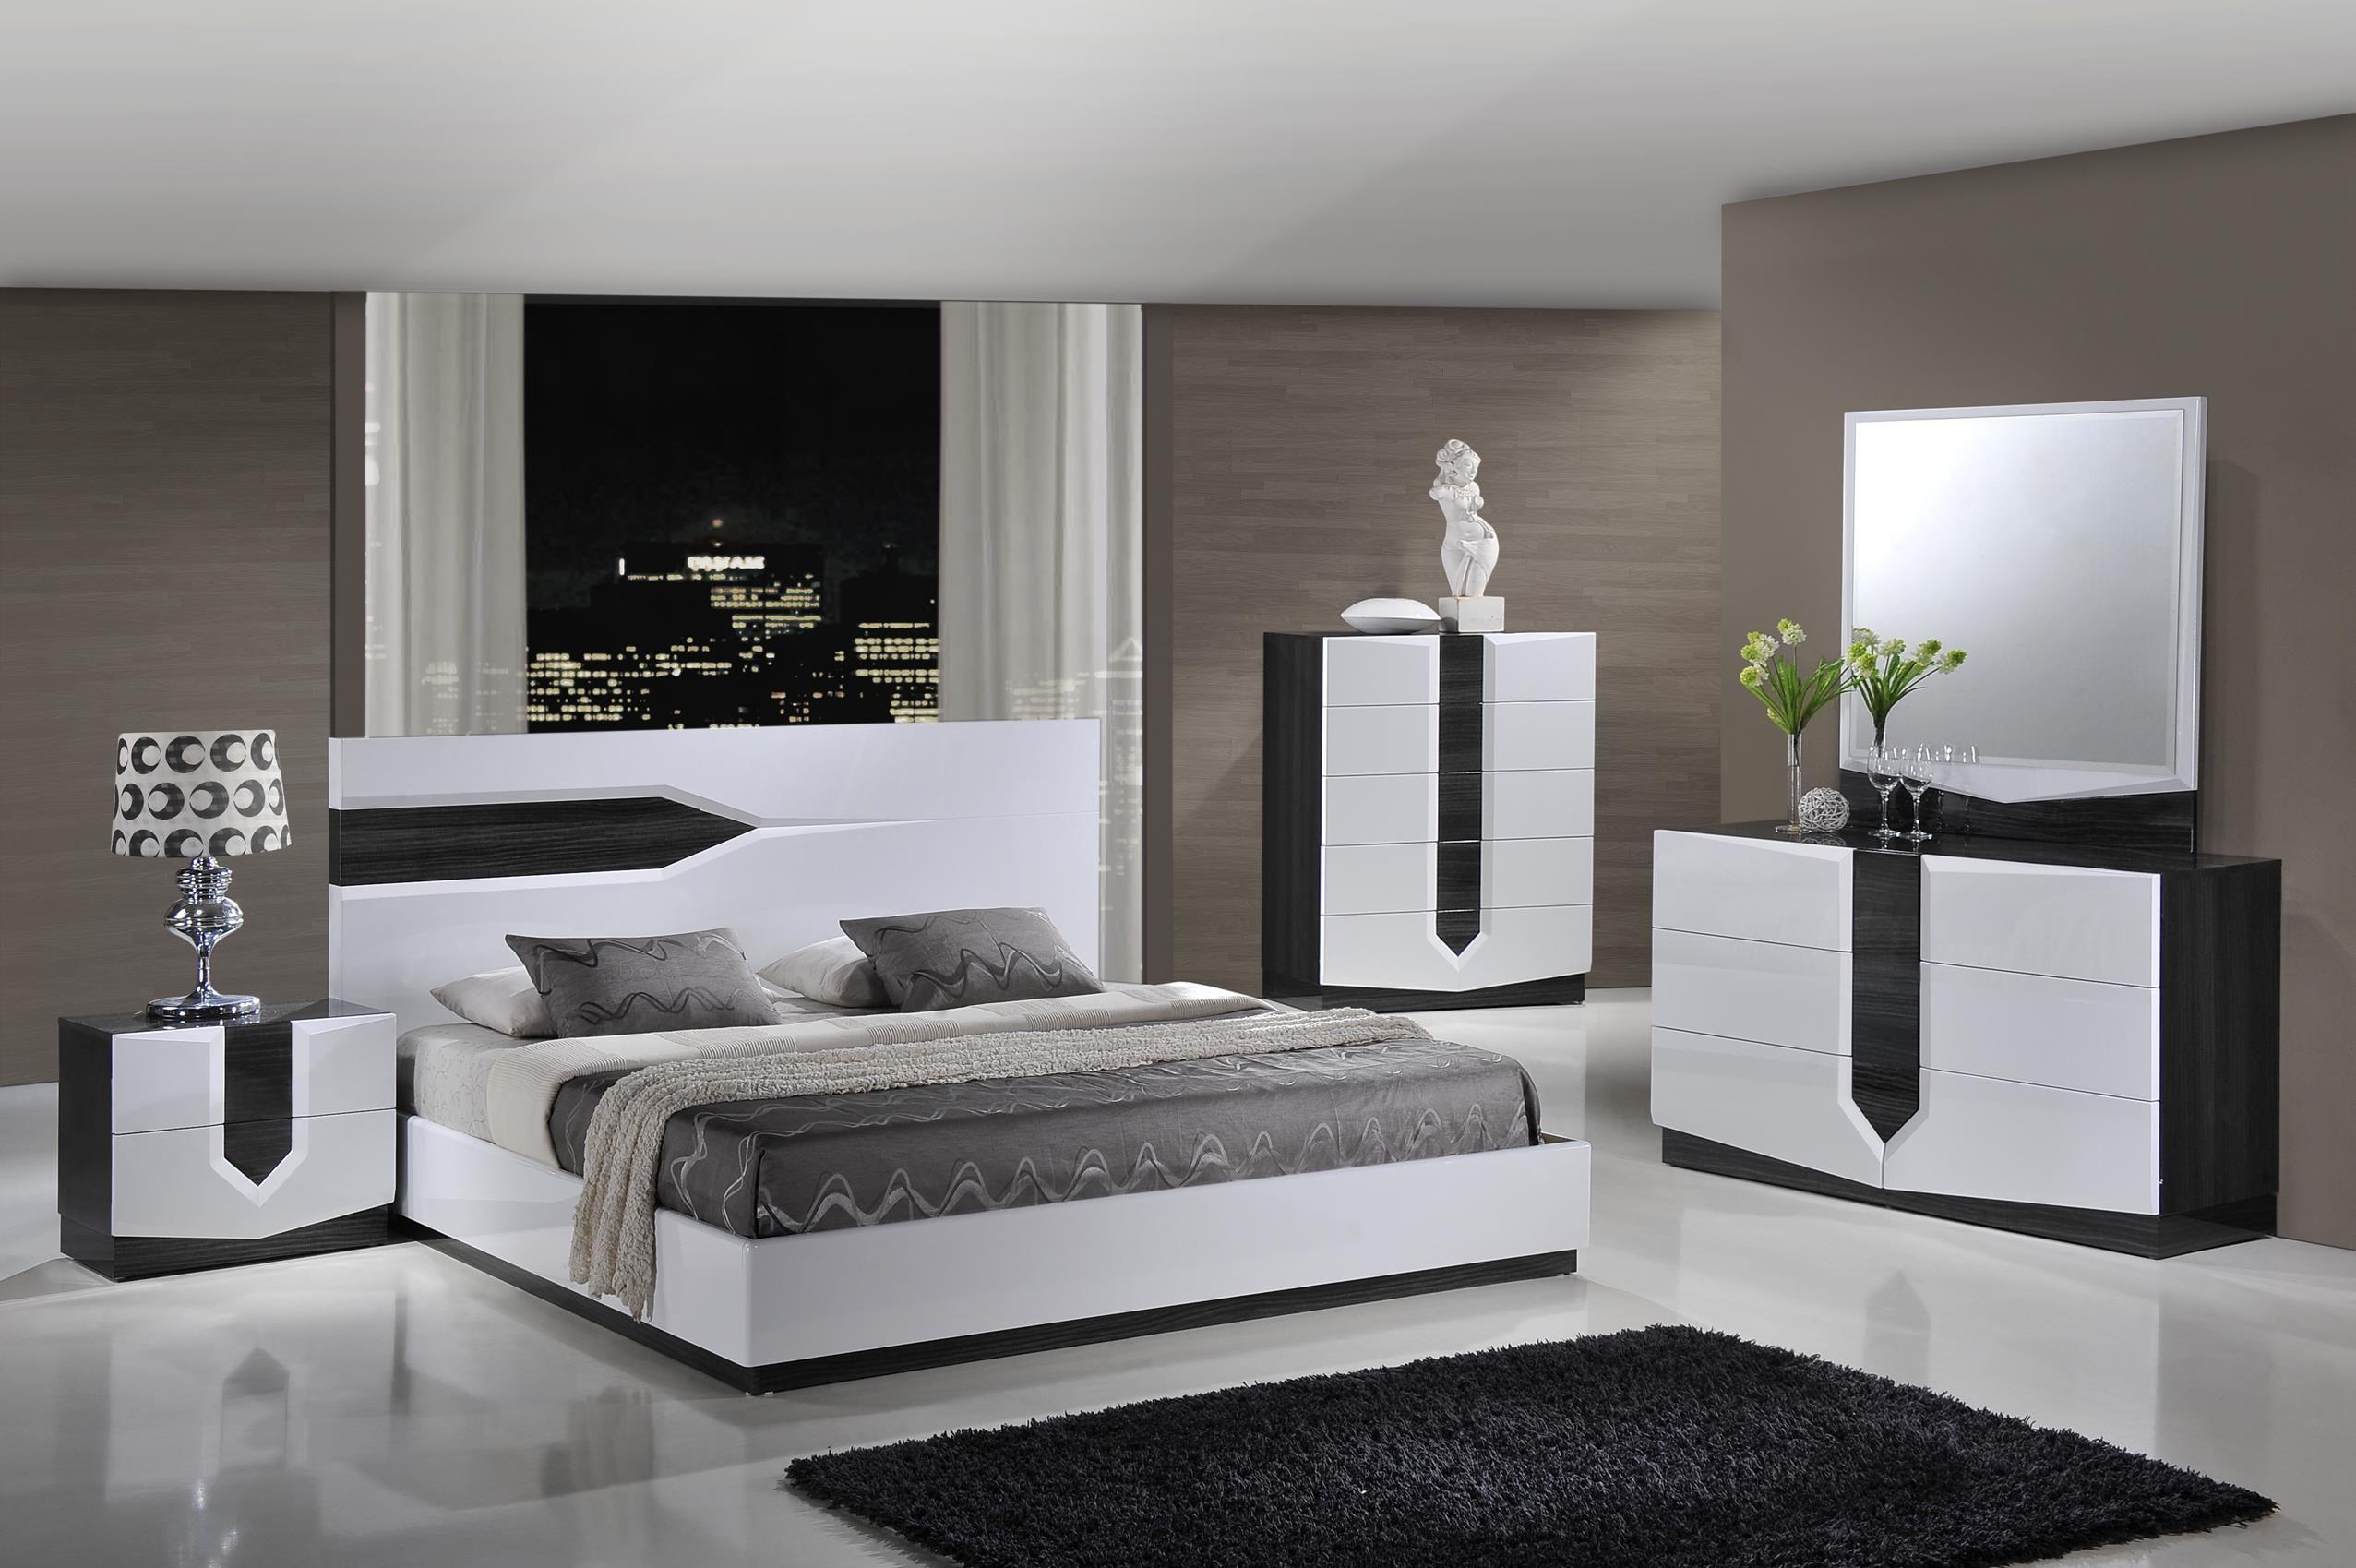 black gloss mirrored bedroom furniture dream house pinterest rh pinterest com